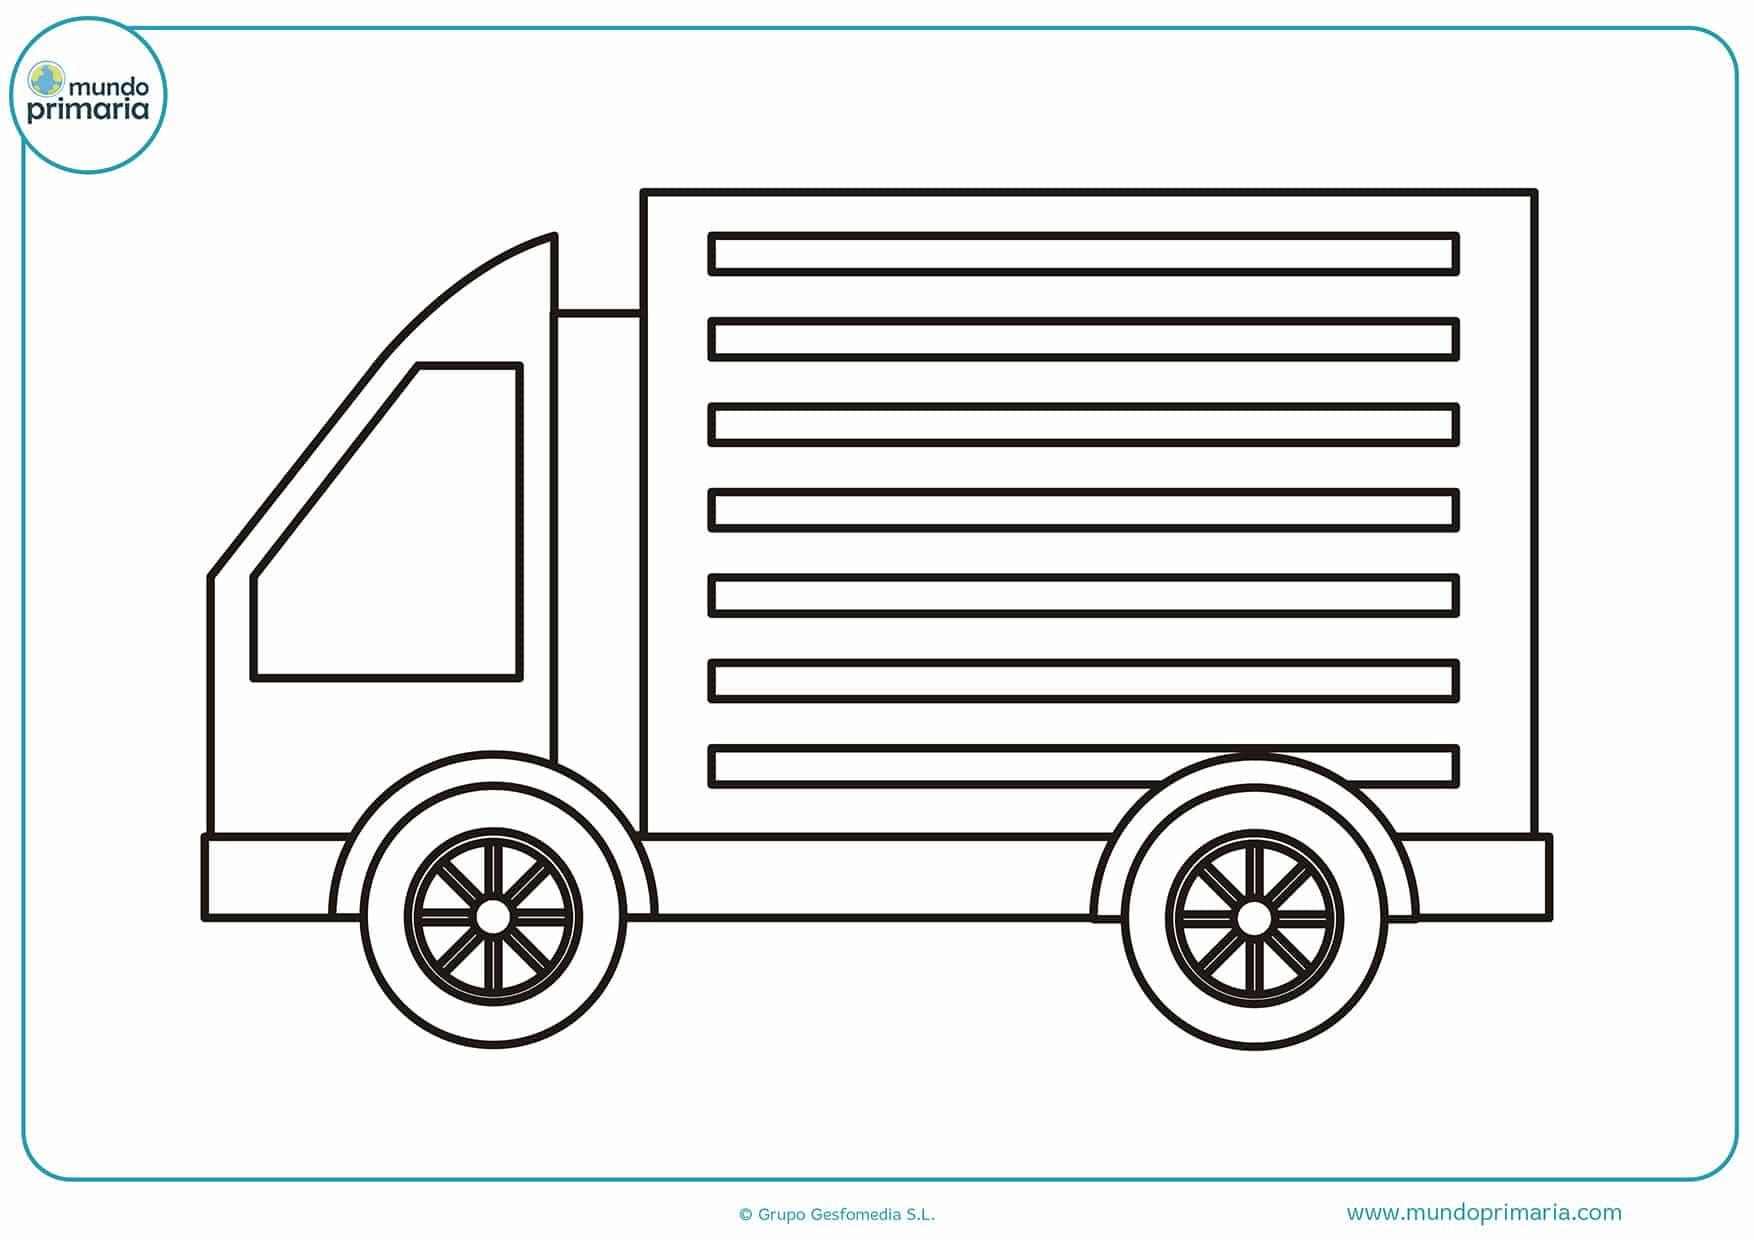 Dibujos De Camiones Para Colorear Mundo Primaria